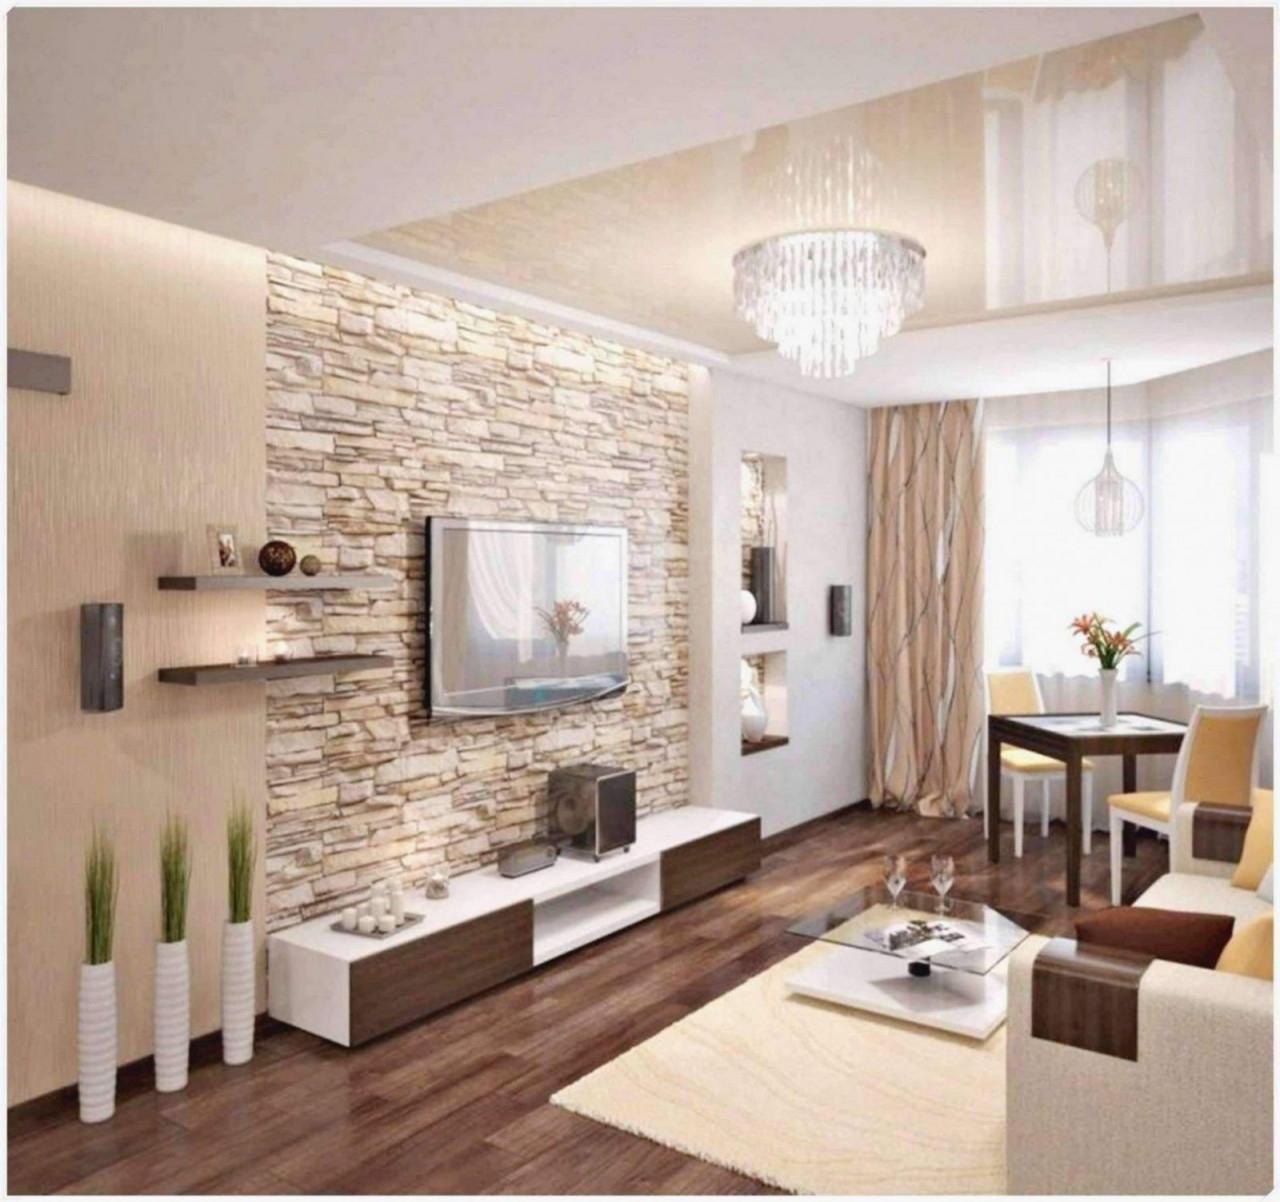 Deko Wand Wohnzimmer Frisch Luxury Dekoration Wohnzimmer Von von Deko Wohnzimmer Wand Photo